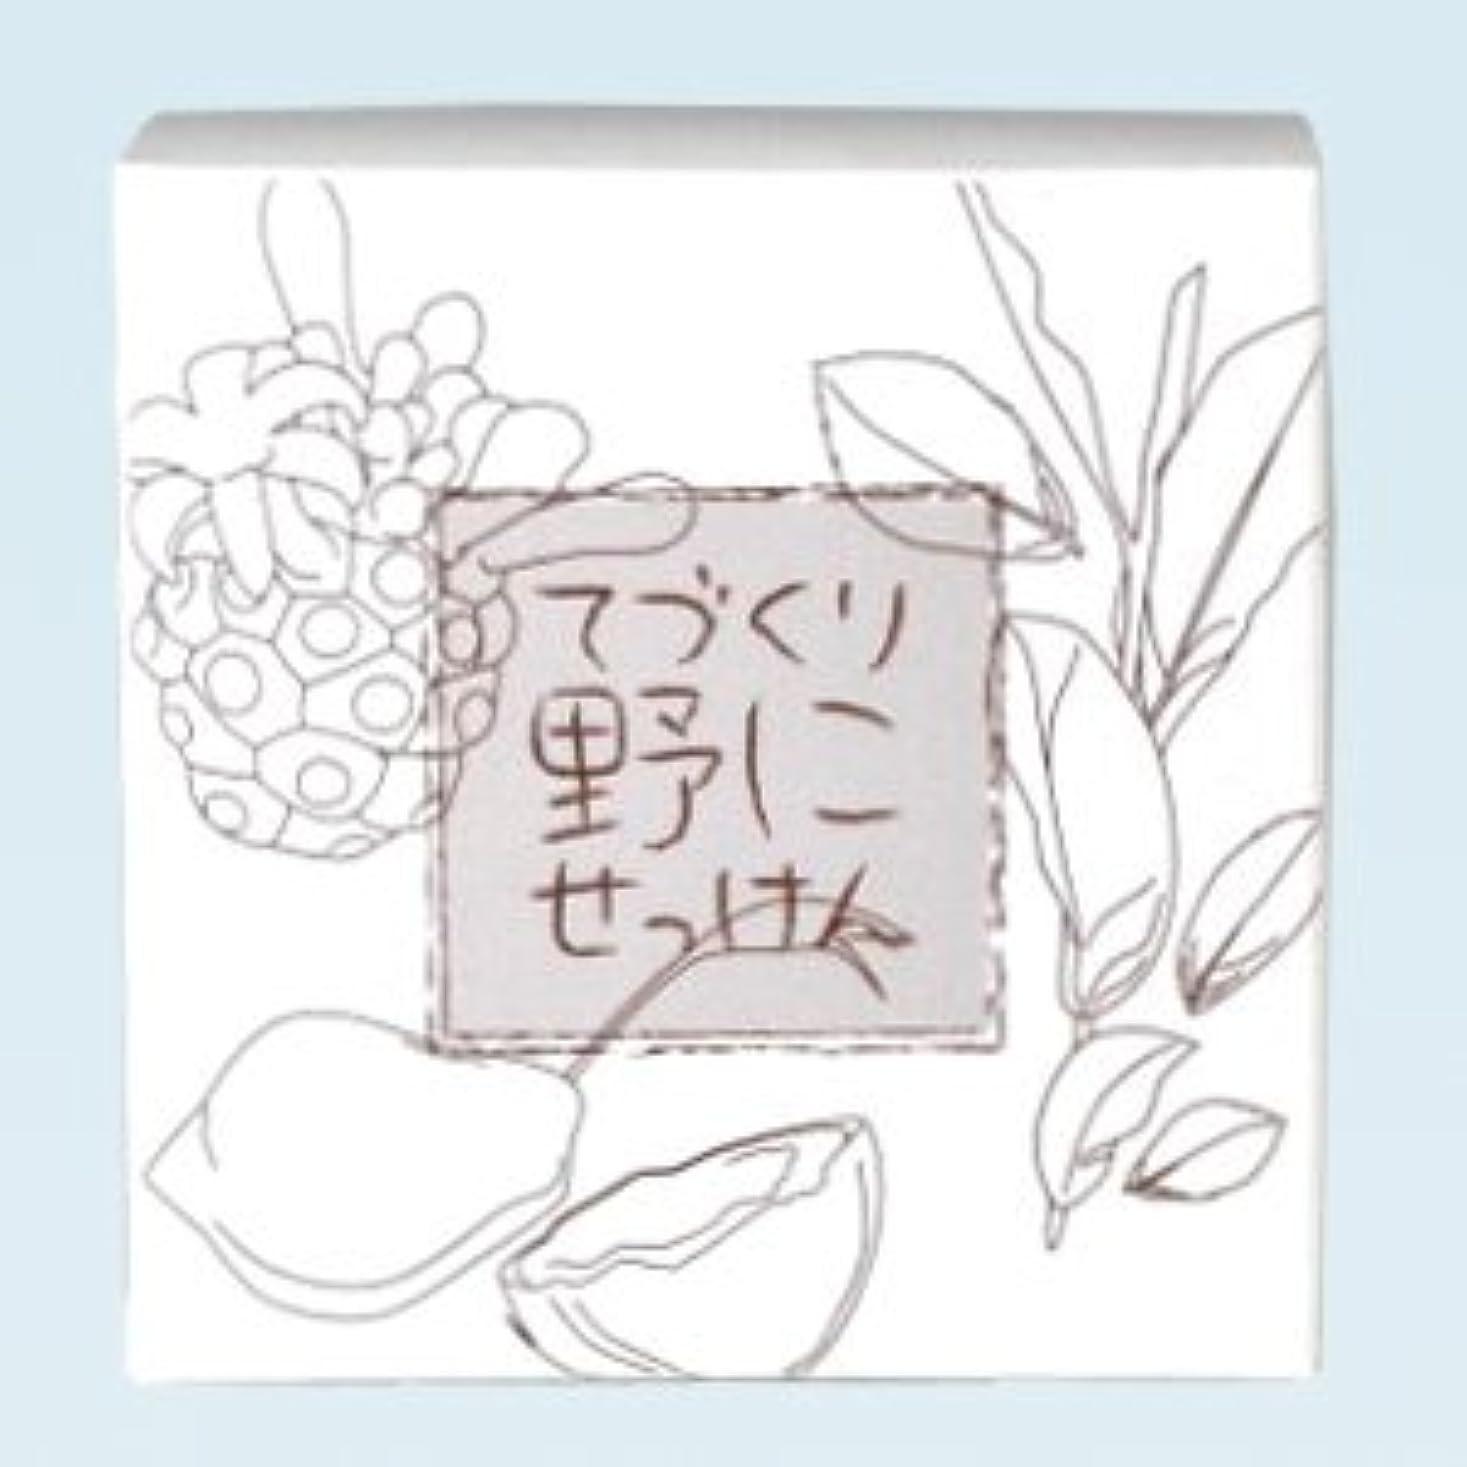 トラフィック急流皿緑茶ノニ石鹸 てづくり野にせっけん(115g)